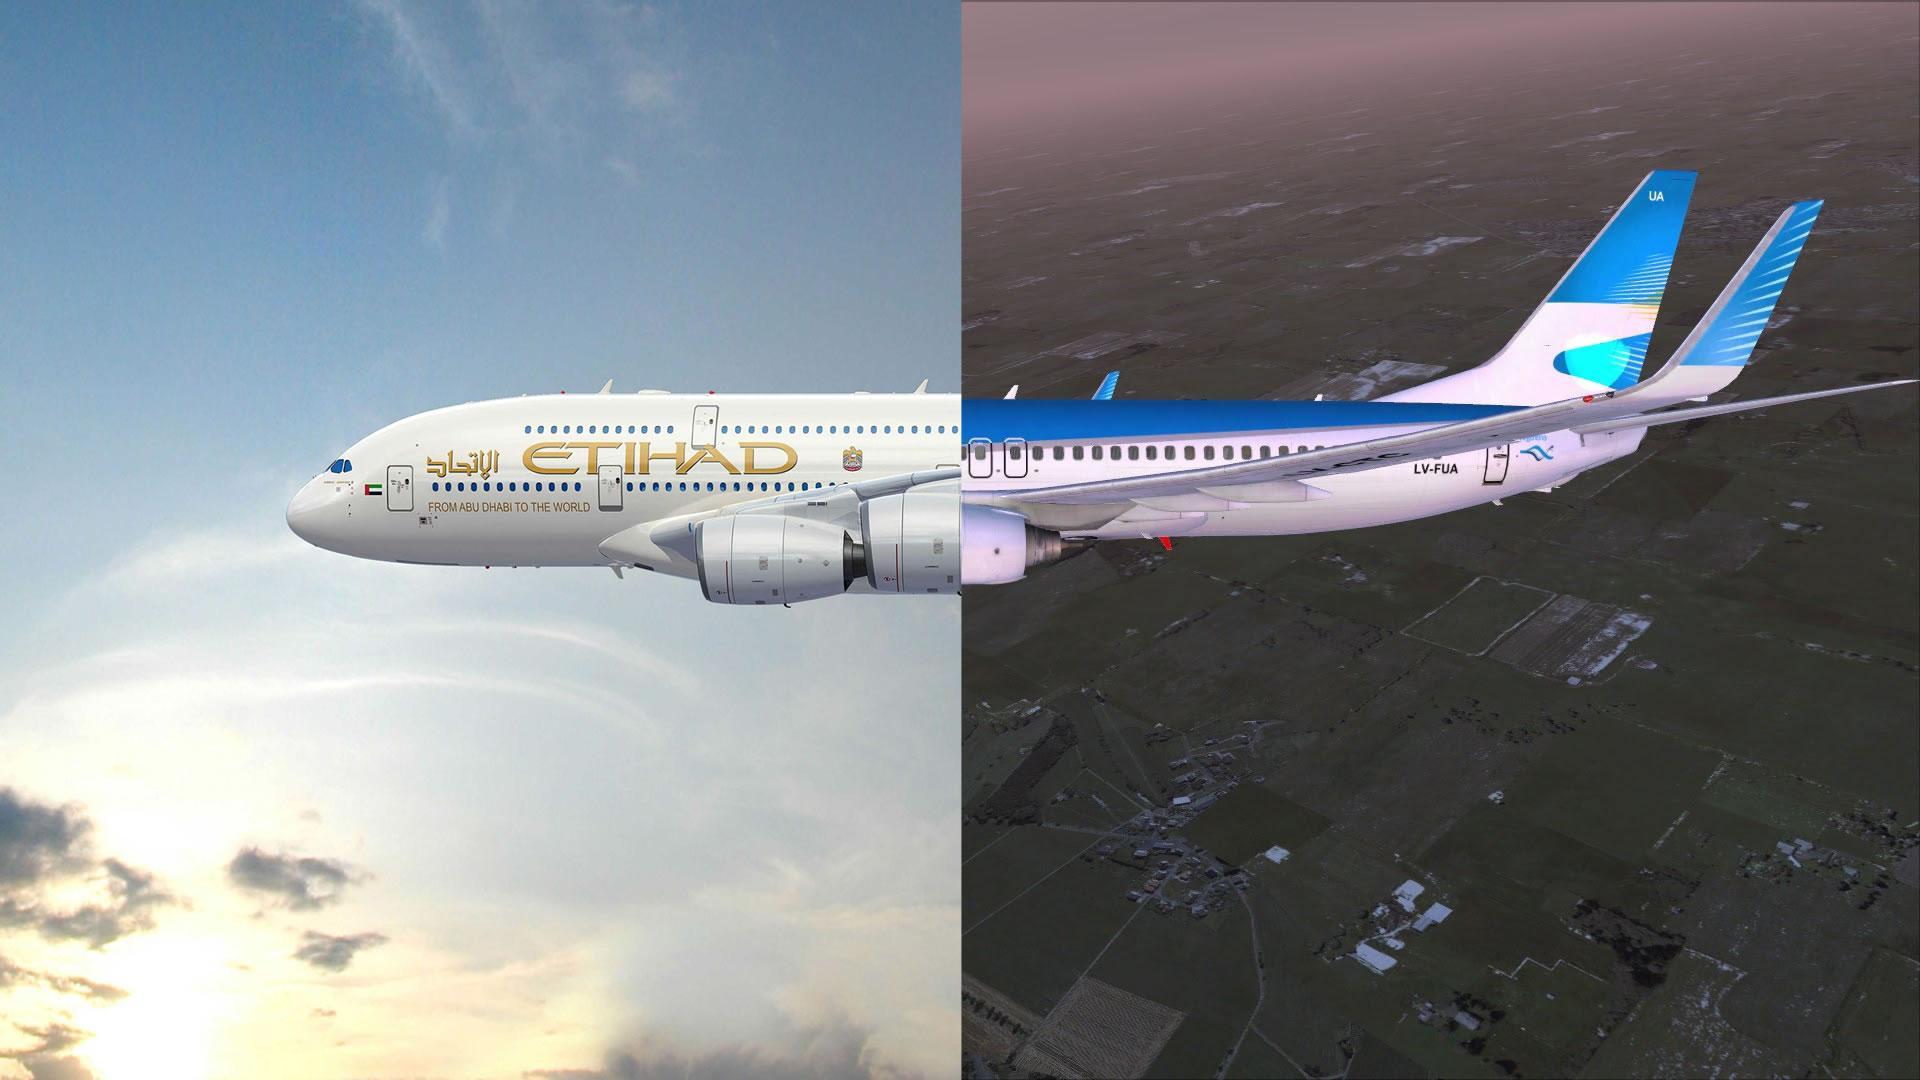 Aerolíneas Argentinas y Etihad anunciaron código compartido para unir Sudámerica con Medio Oriente